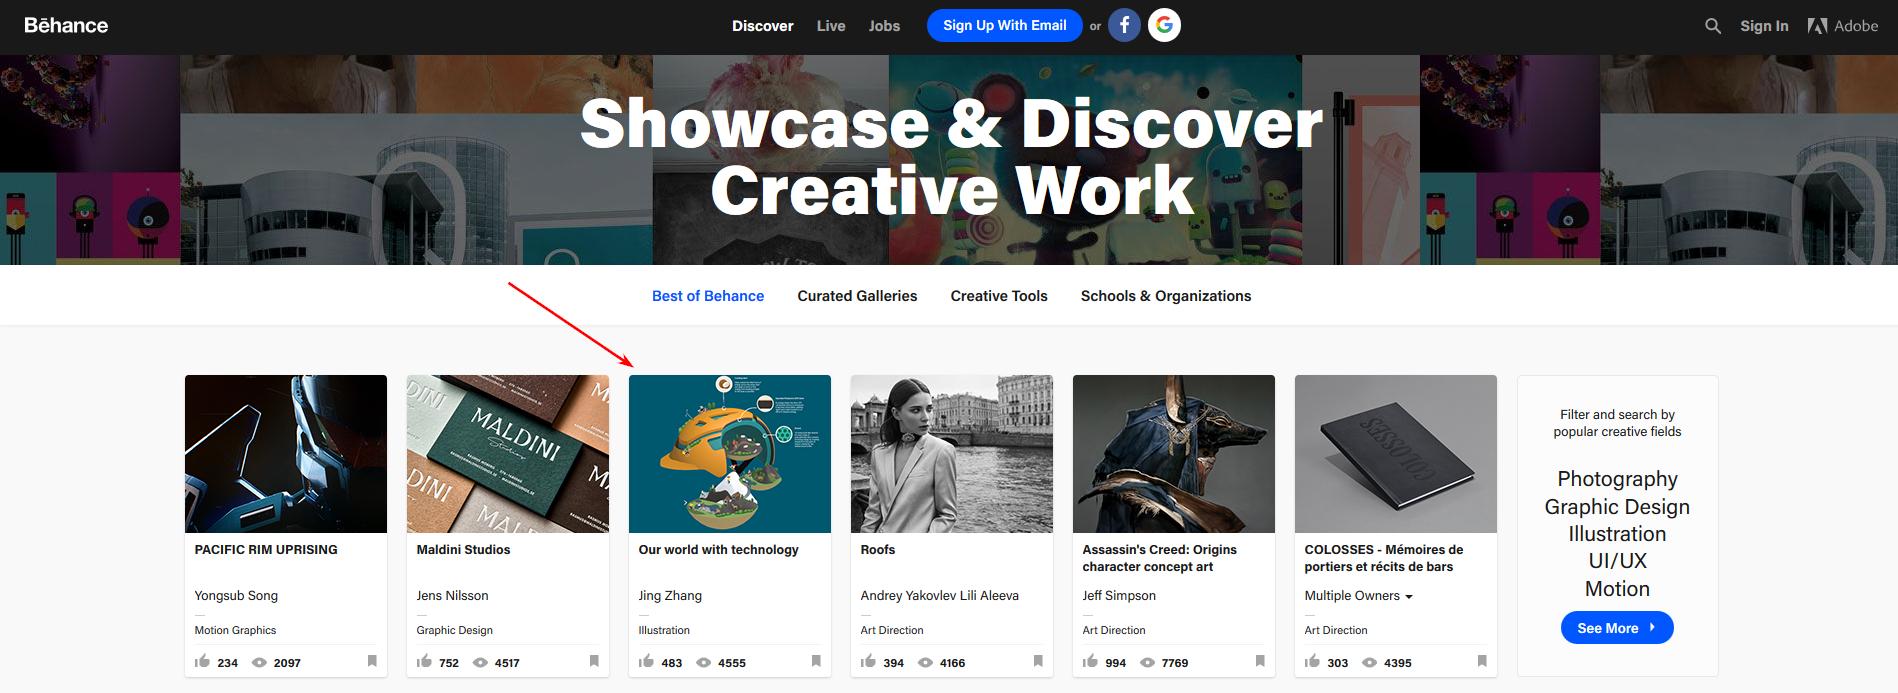 На главной странице Behance выставлены лучшие проекты